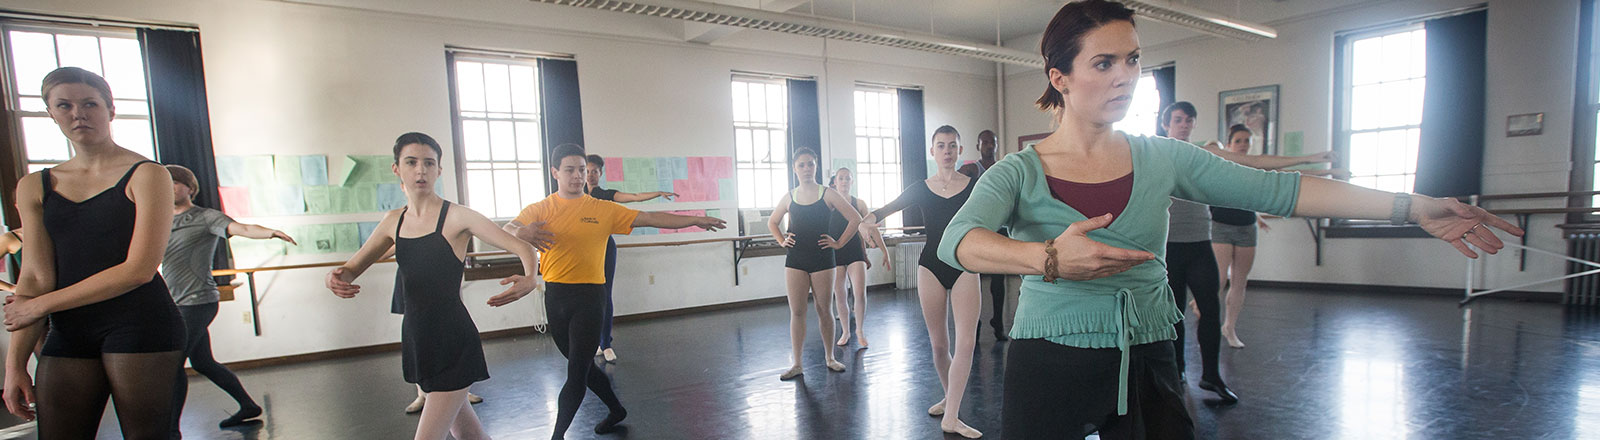 Students in studio dancing